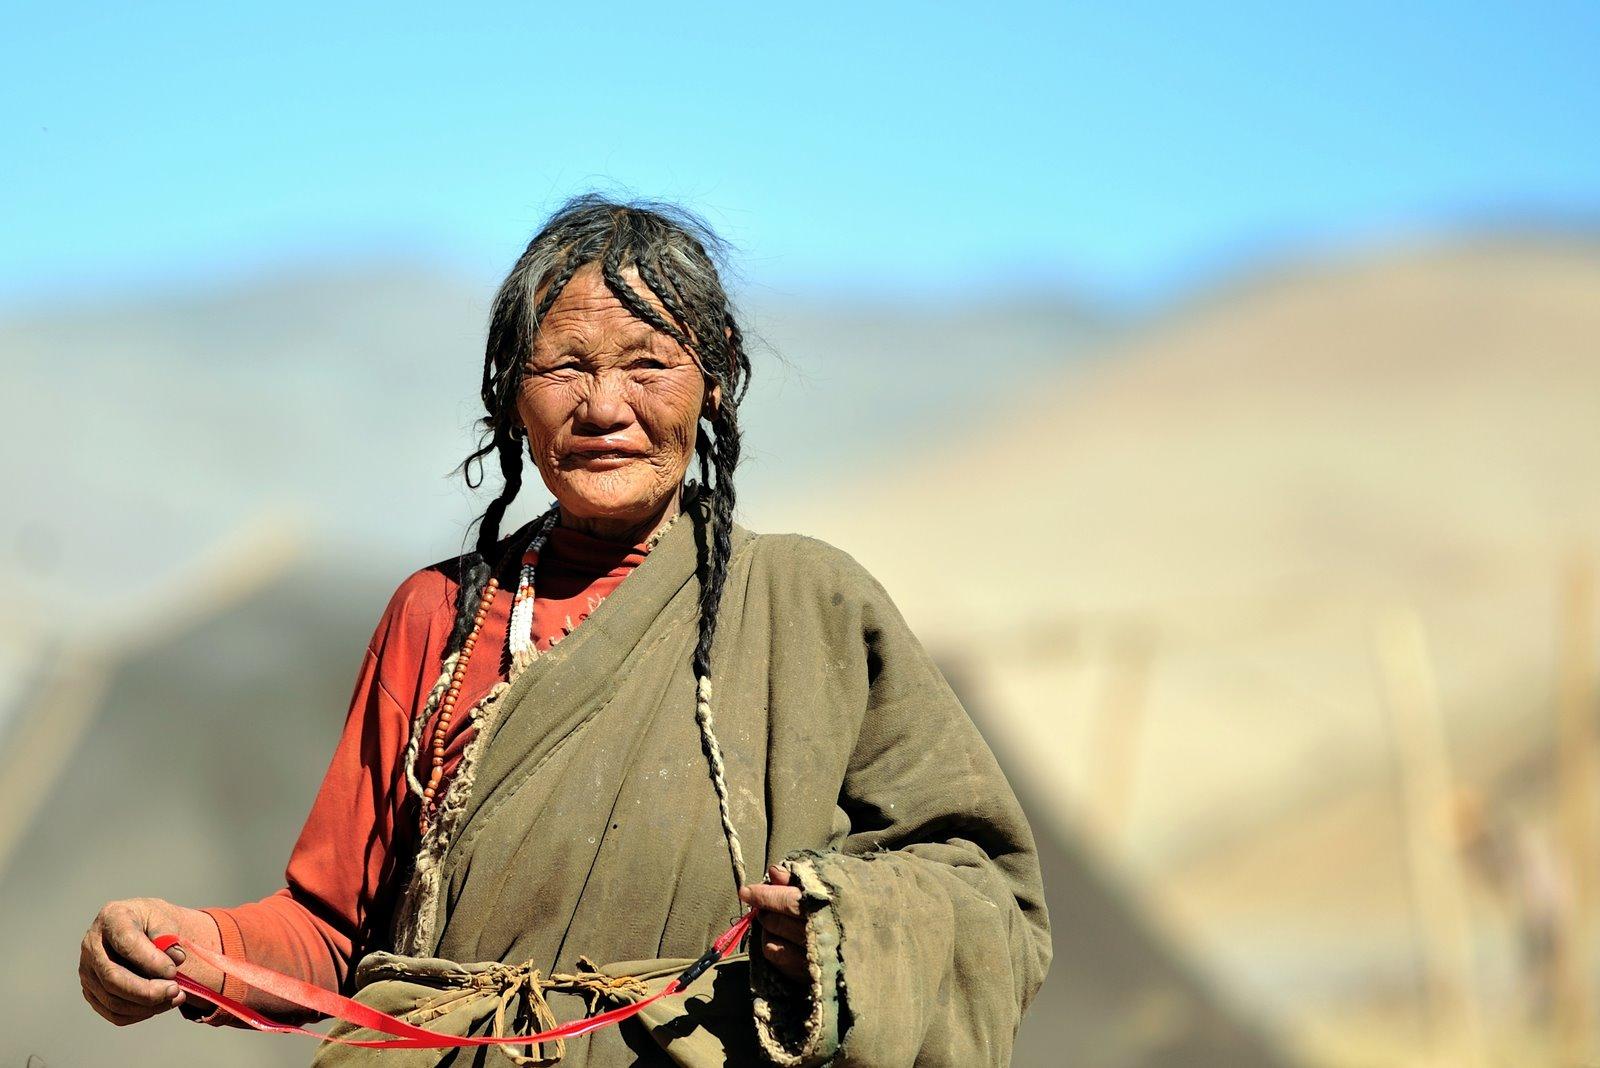 xigaze women Xigaze 1997 two young women fetching water par142445 hr lu-nan 2000 tibet 2000 women at work xigaze, about 300 kilometers west of.